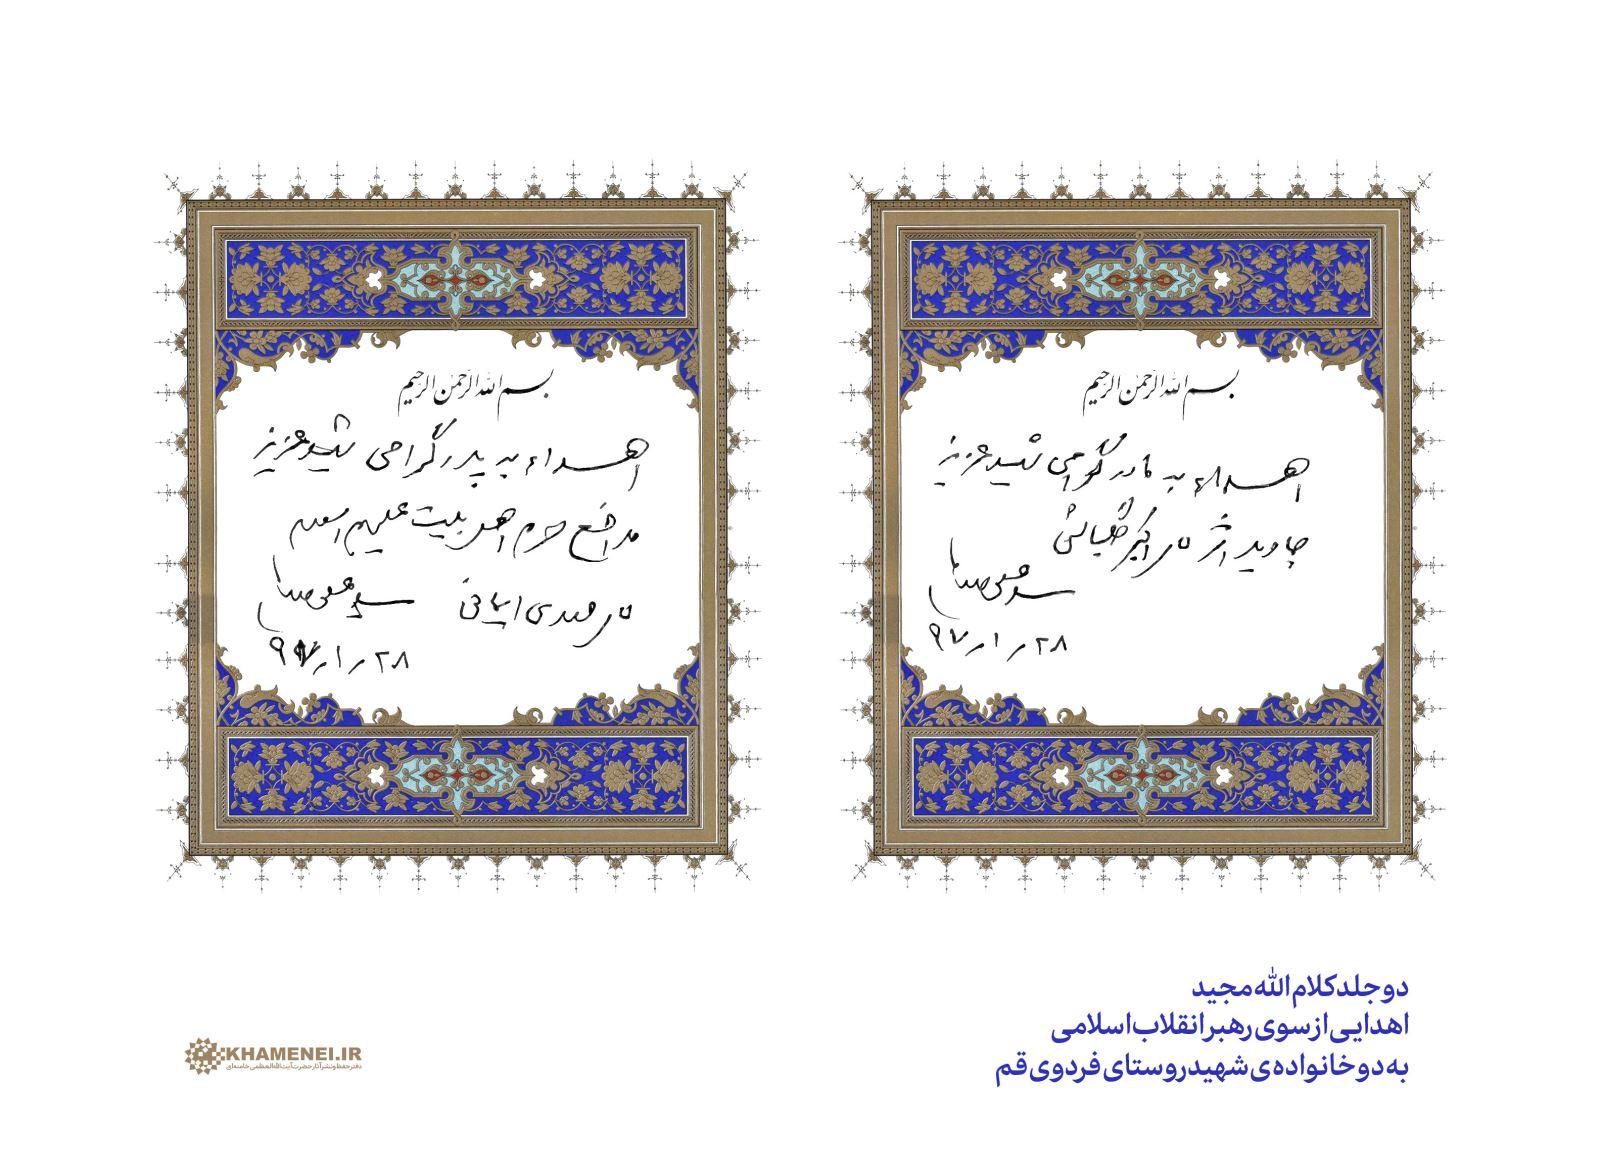 اهدای کلامالله مجید از سوی امام خامنهای به ۲ خانواده شهید روستای فردوی قم + عکس